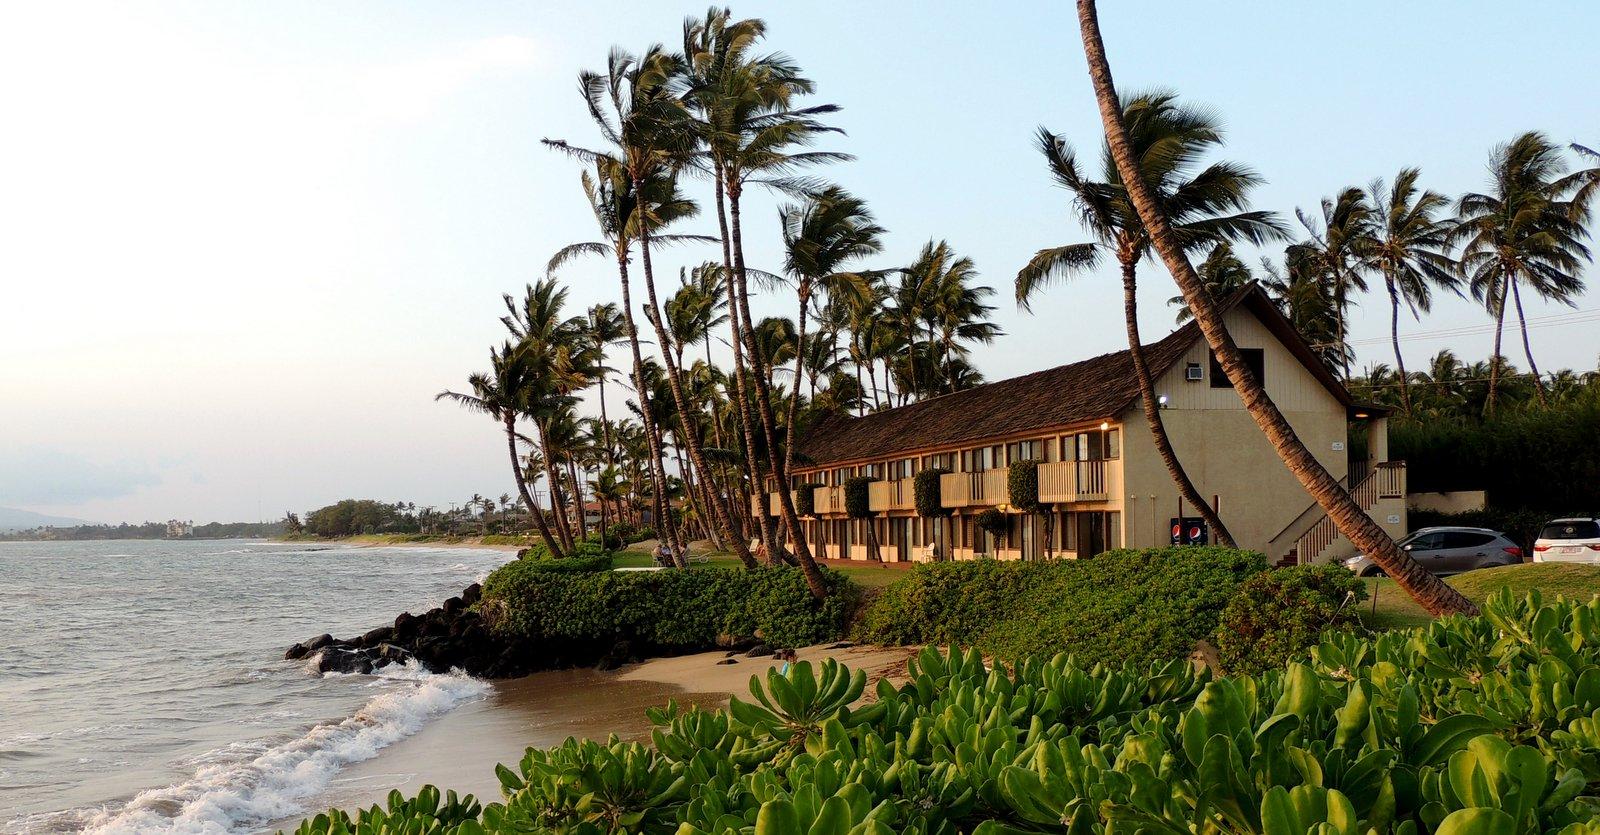 Hotel Aston Maui Lu - Kihei - Maui